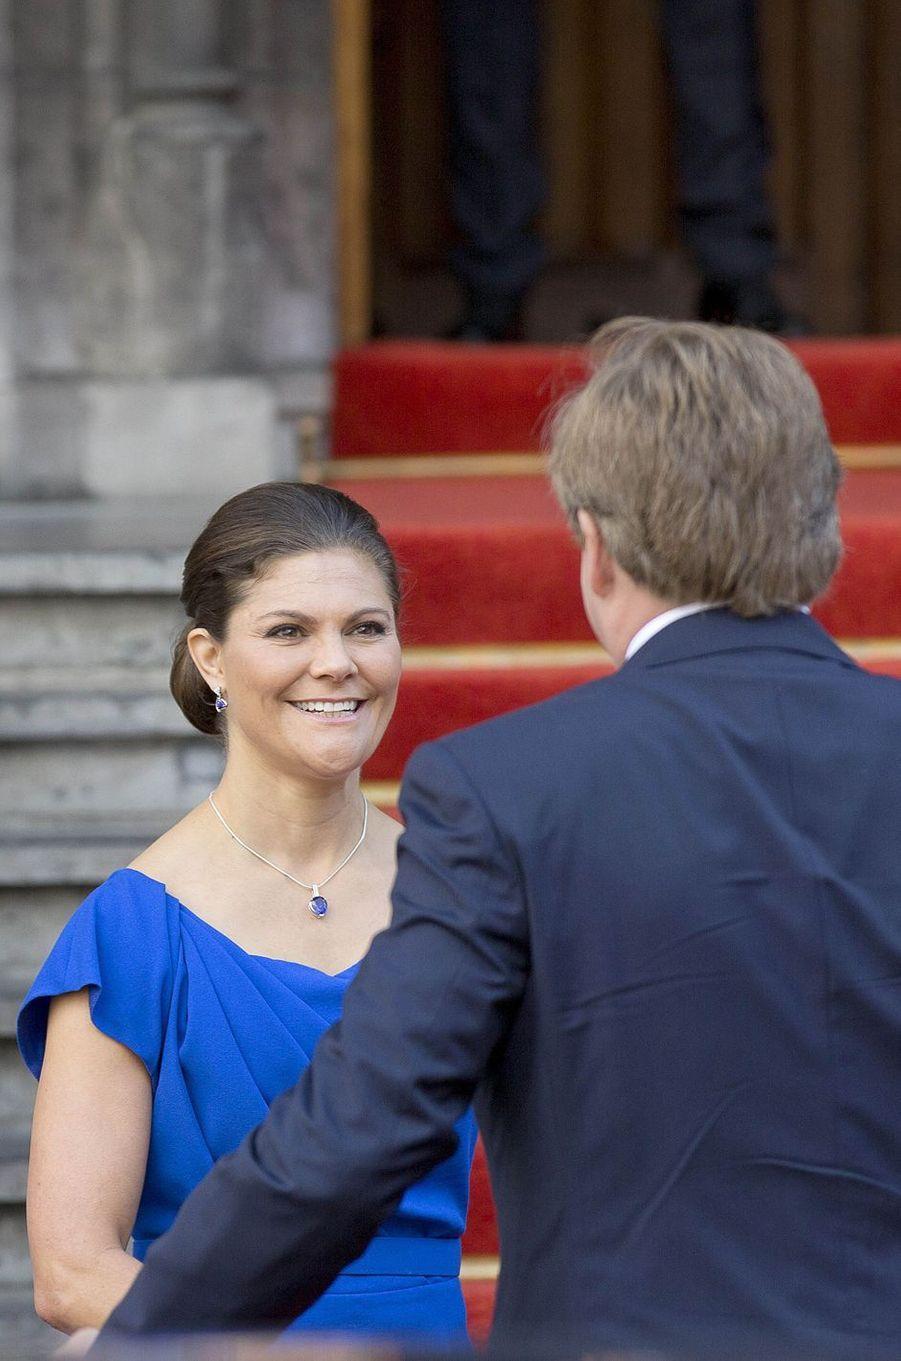 La princesse Victoria de Suède retrouve le roi Willem-Alexander des Pays-Bas à La Haye, le 26 avril 2017